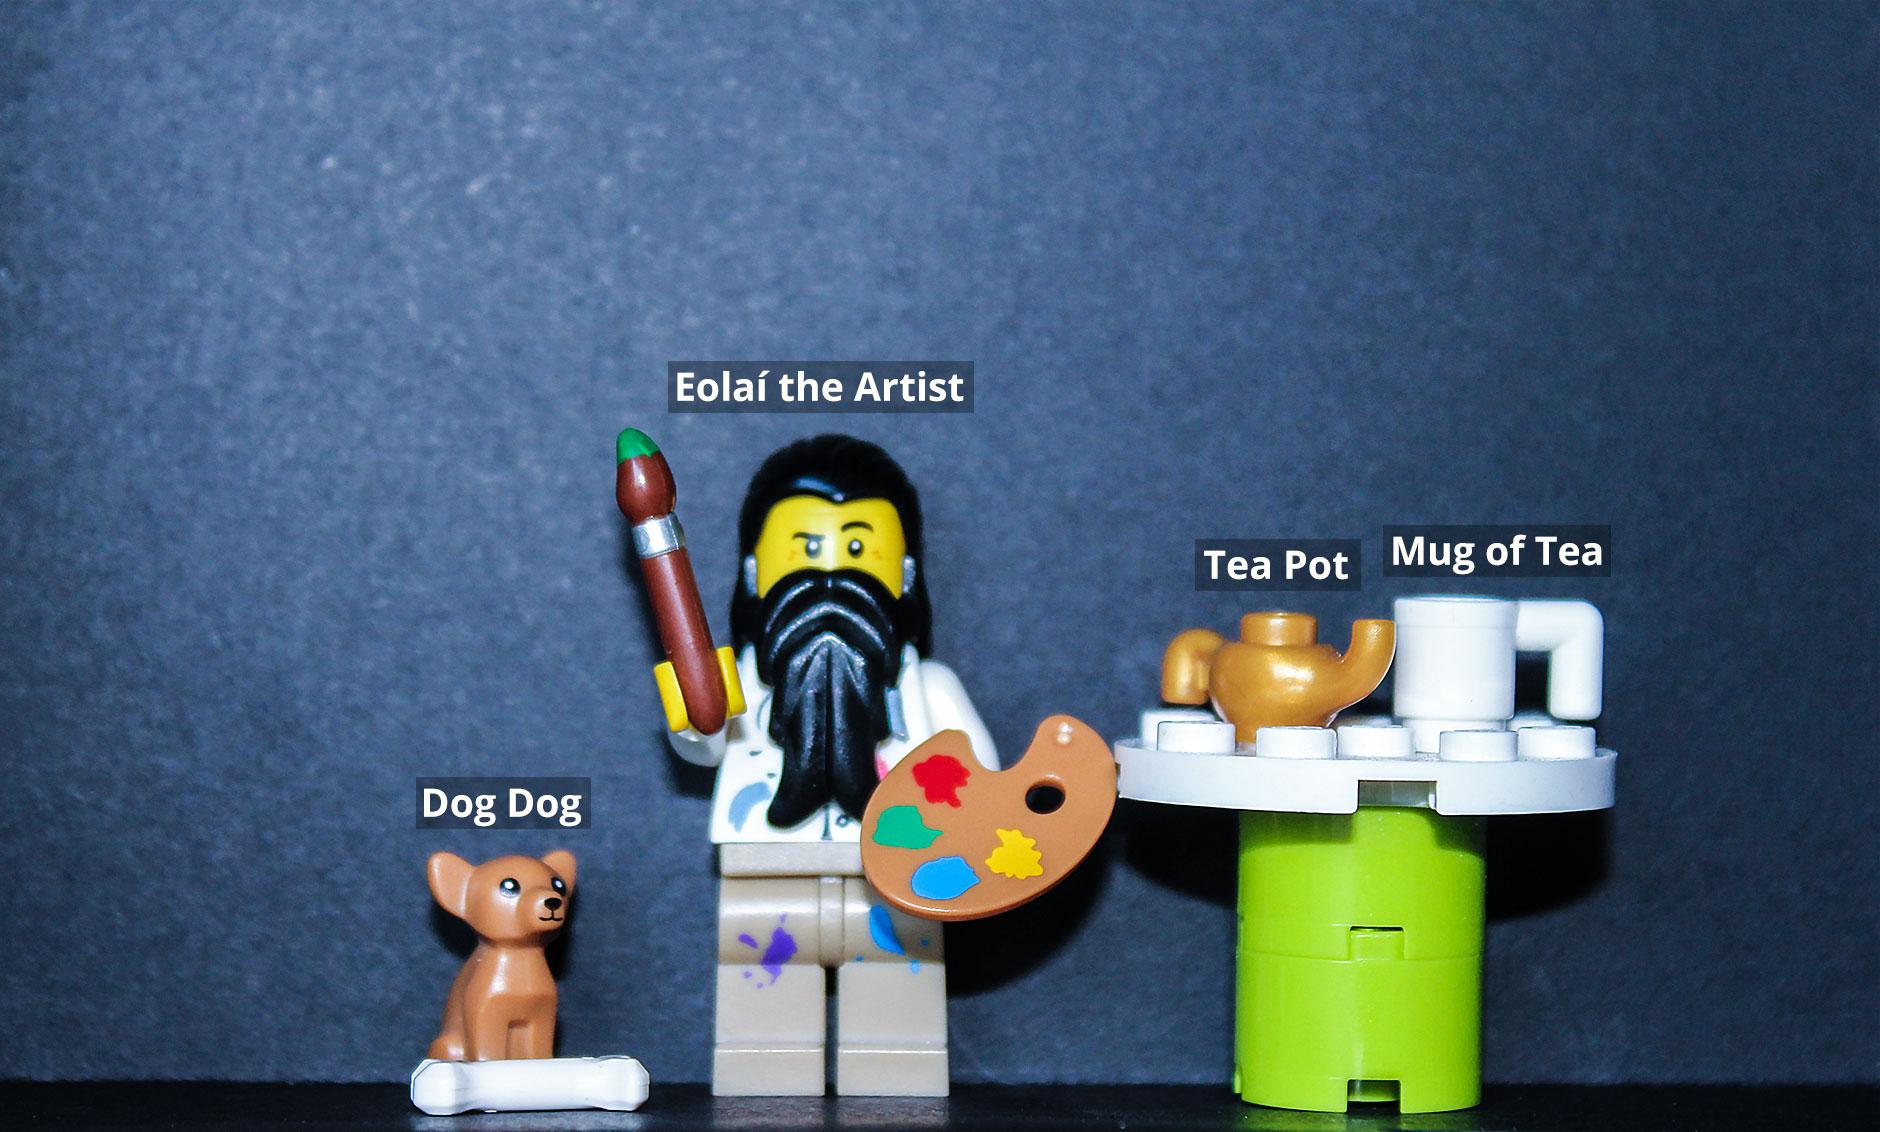 Eolai the Artist